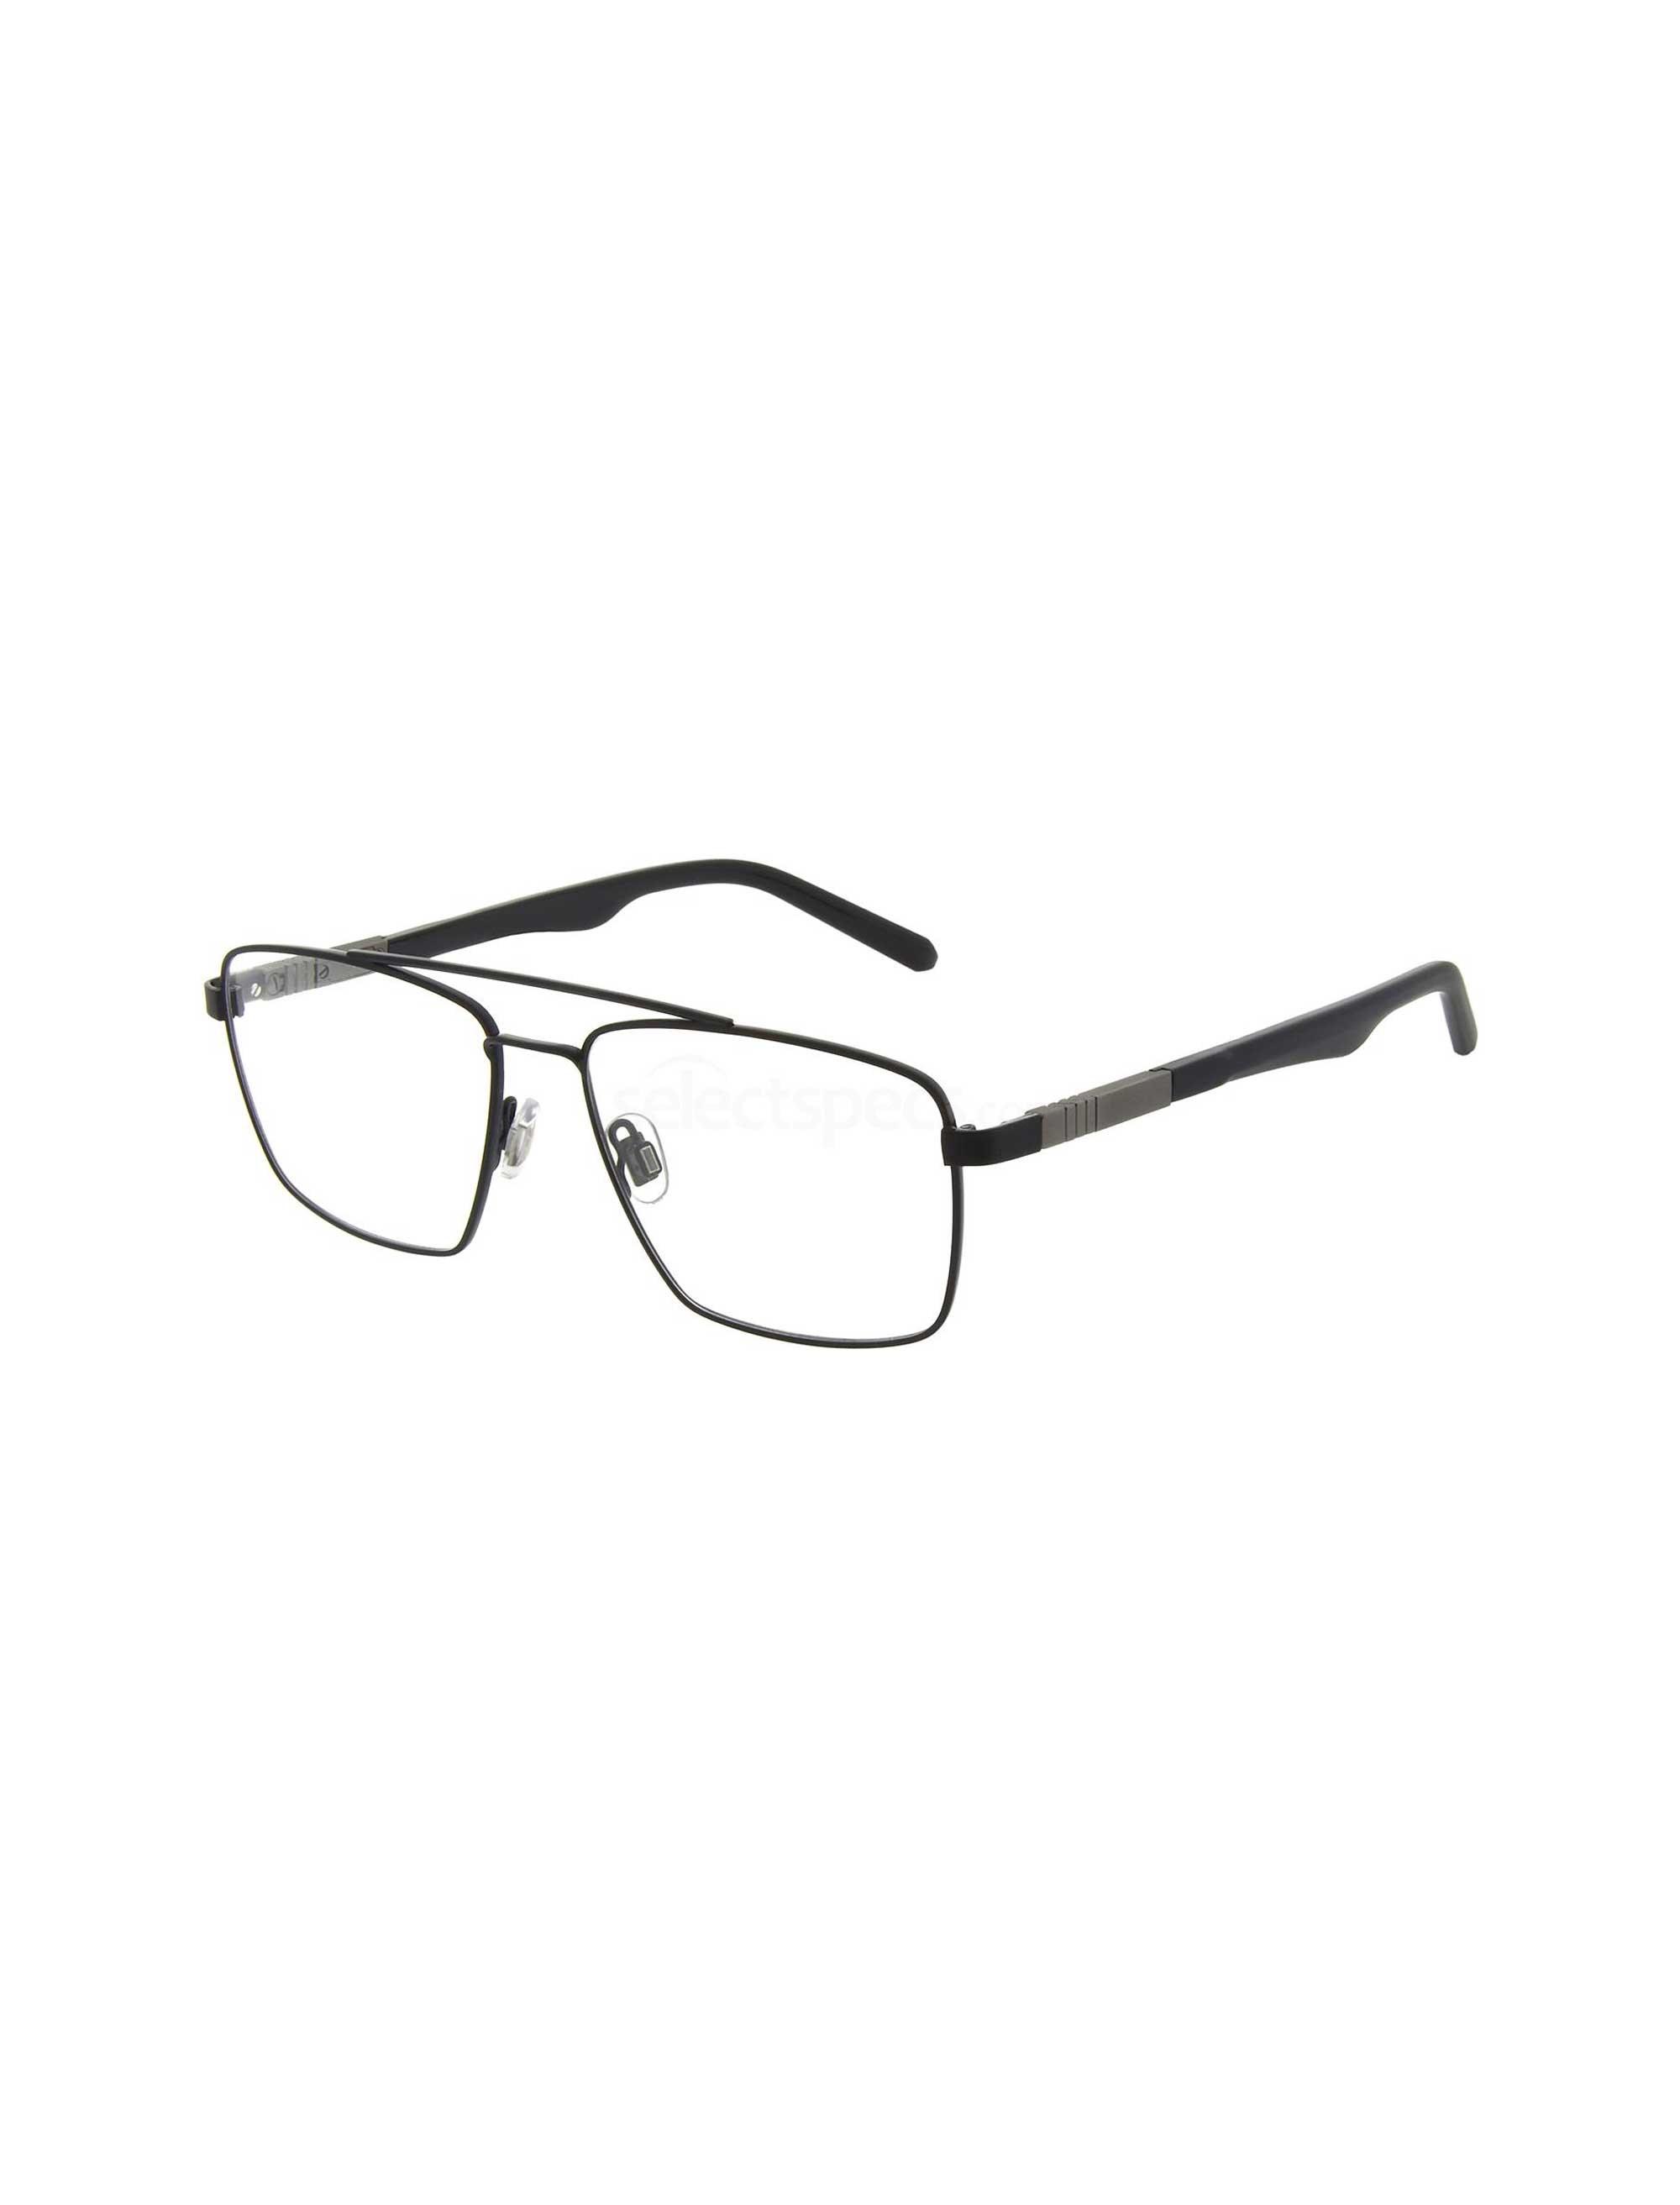 عکس عینک طبی مستطیلی مردانه - اسپاین